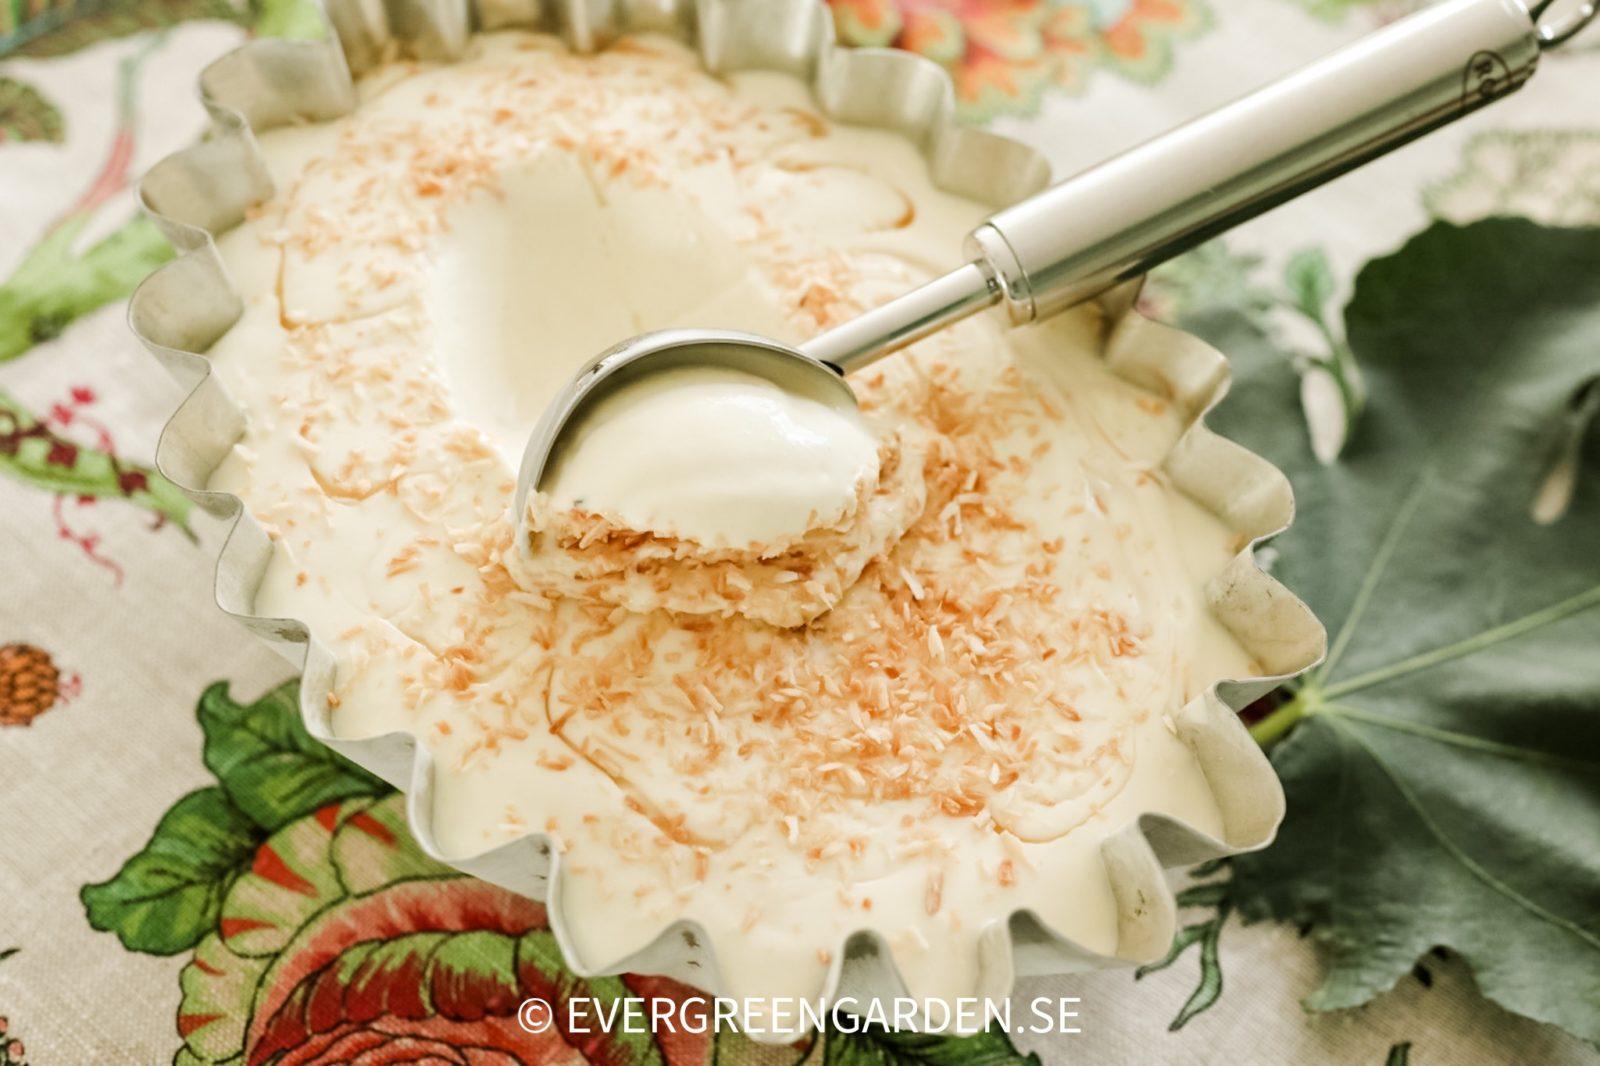 glass smaksatt med fikonblad